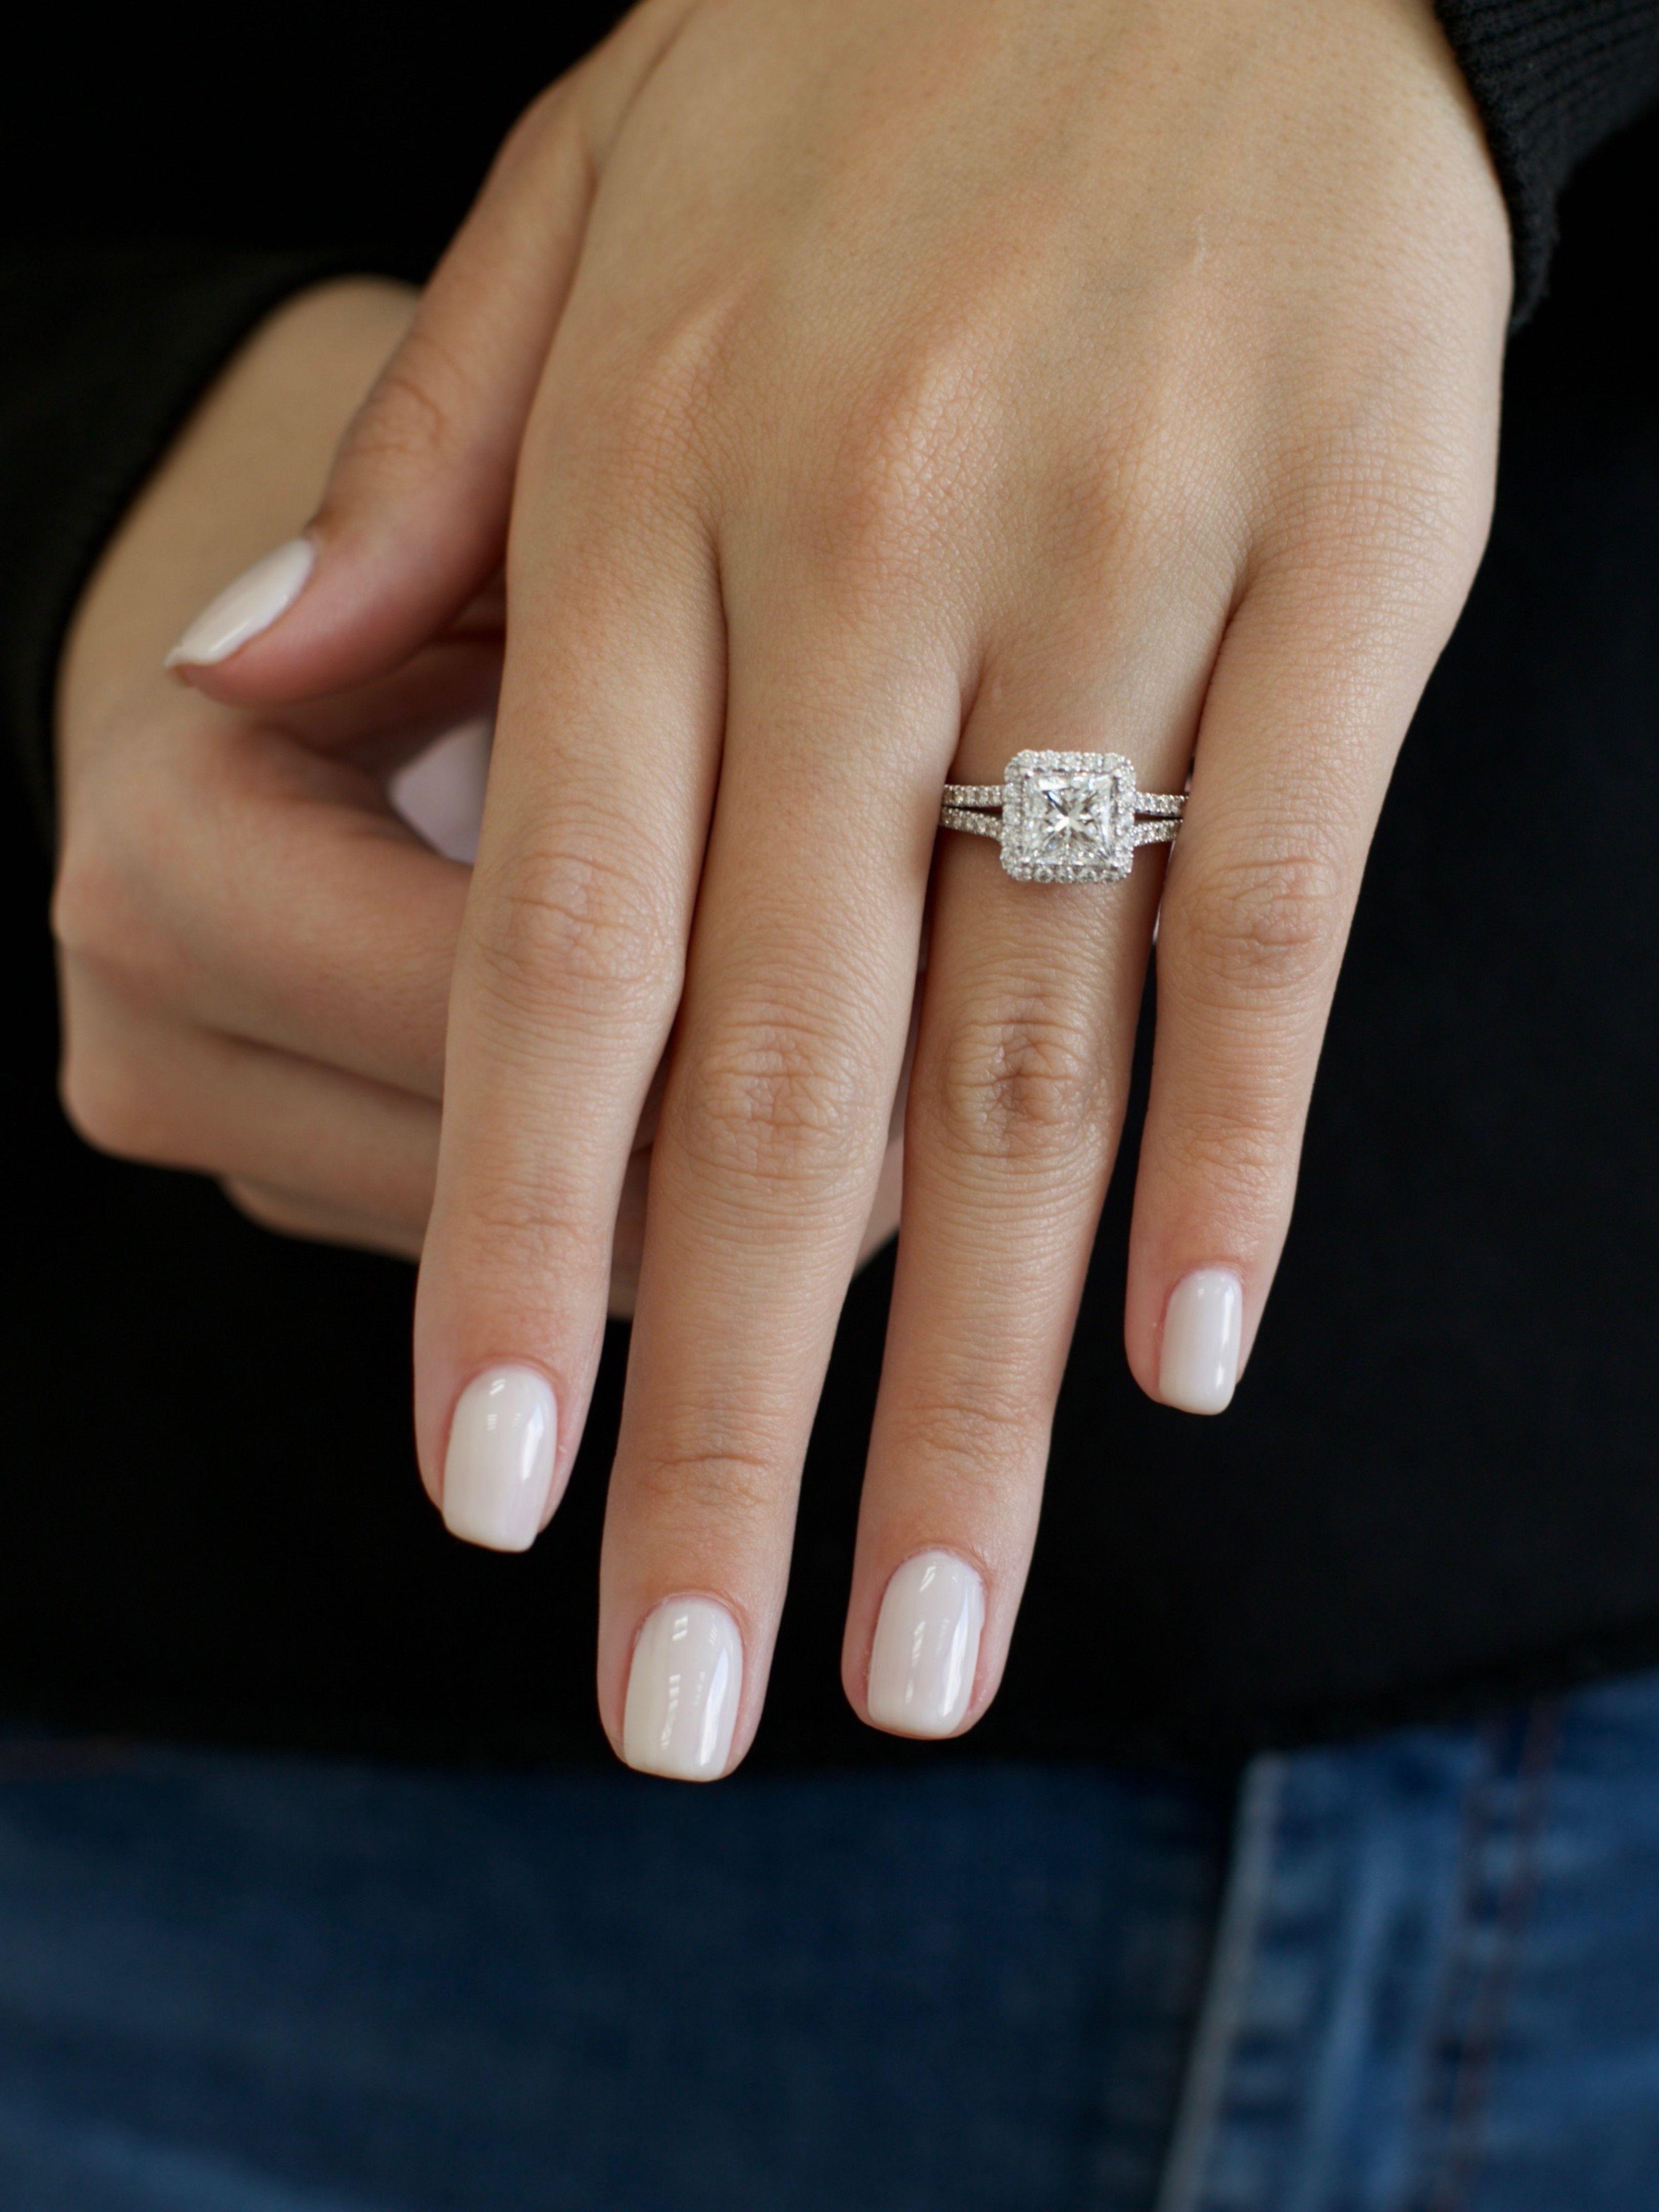 Princess Diamond Engagement Ring, 2.51 Carat Princess Cut Halo Split Shank Diamond Ring, Diamond Engagement Ring, 14k White Gold